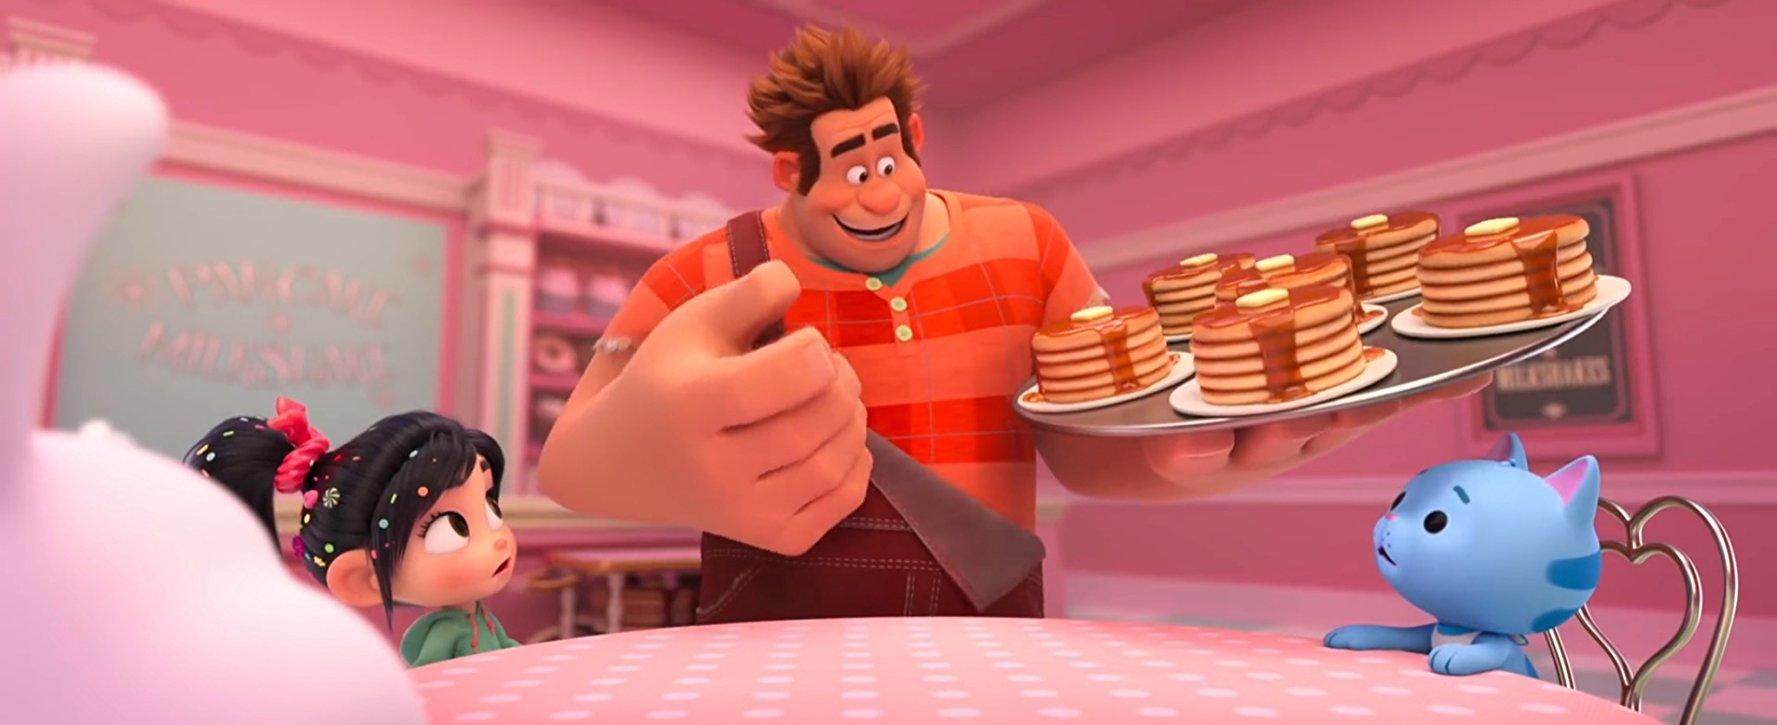 دانلود دوبله فارسی انیمیشن رالف خرابکار 2 Wreck-It Ralph 2 2018